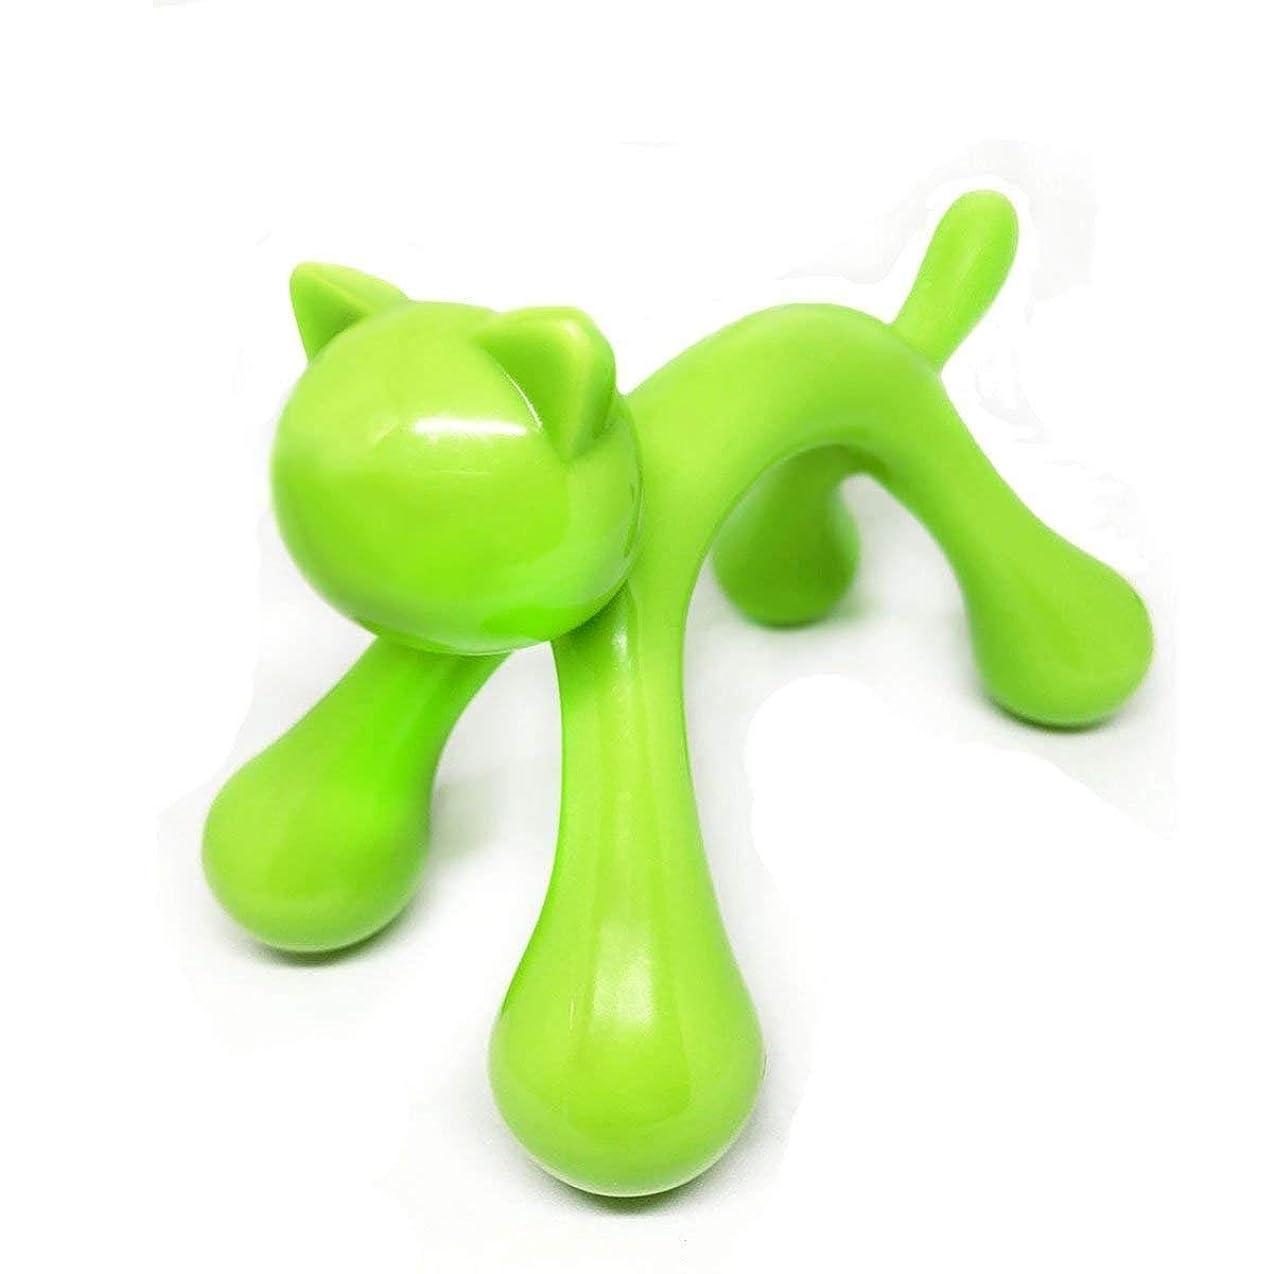 法医学構成光電Flymylion マッサージ棒 ツボ押しマッサージ台 握りタイプ 背中 ウッド 疲労回復 ハンド 背中 首 肩こり解消 可愛いネコ型 (グリーン)